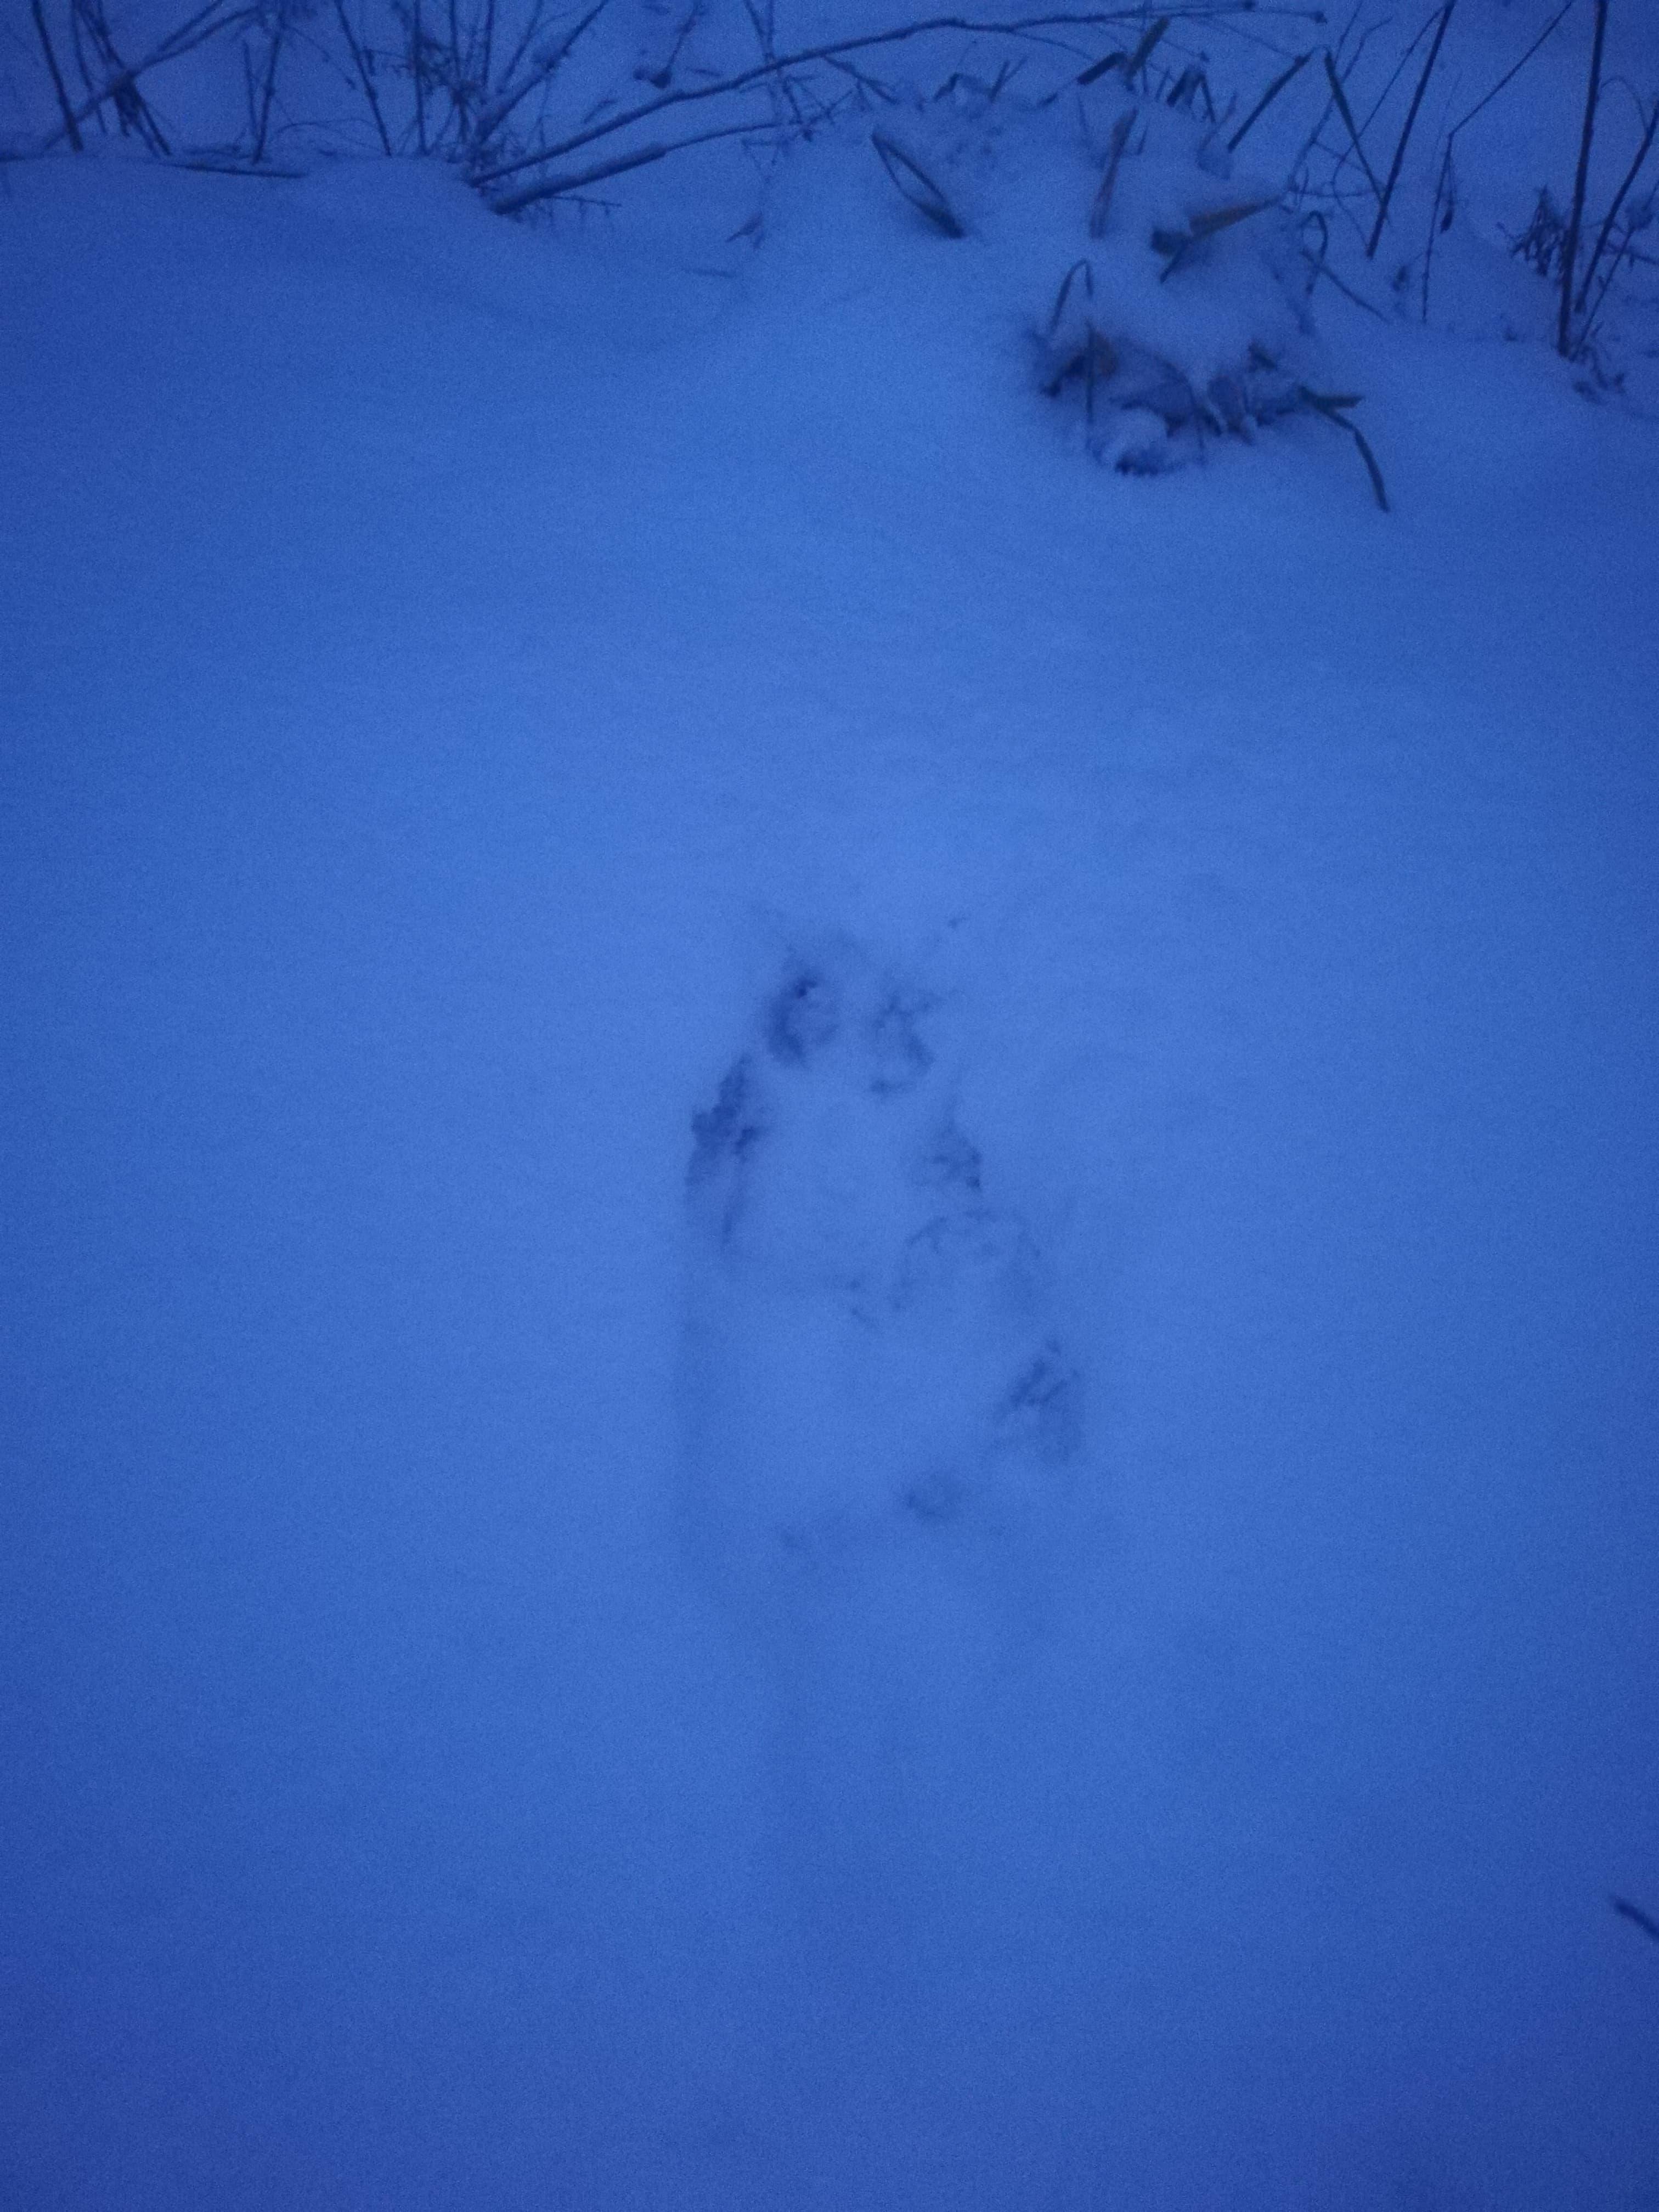 Na tropie wilka. Drapieżnika widziano w Boże Narodzenie